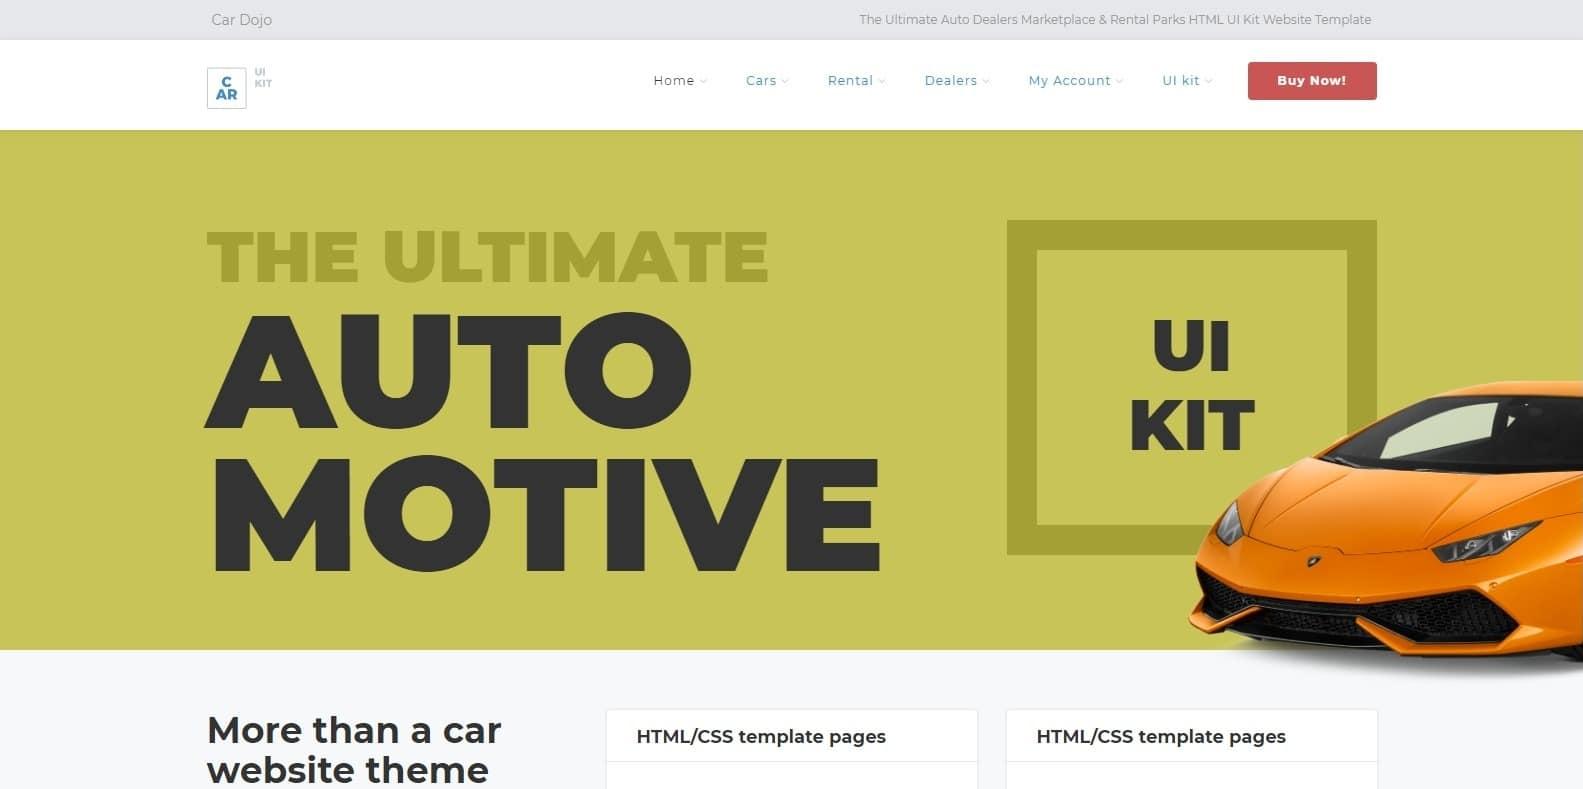 car-dojo-automotive-website-template